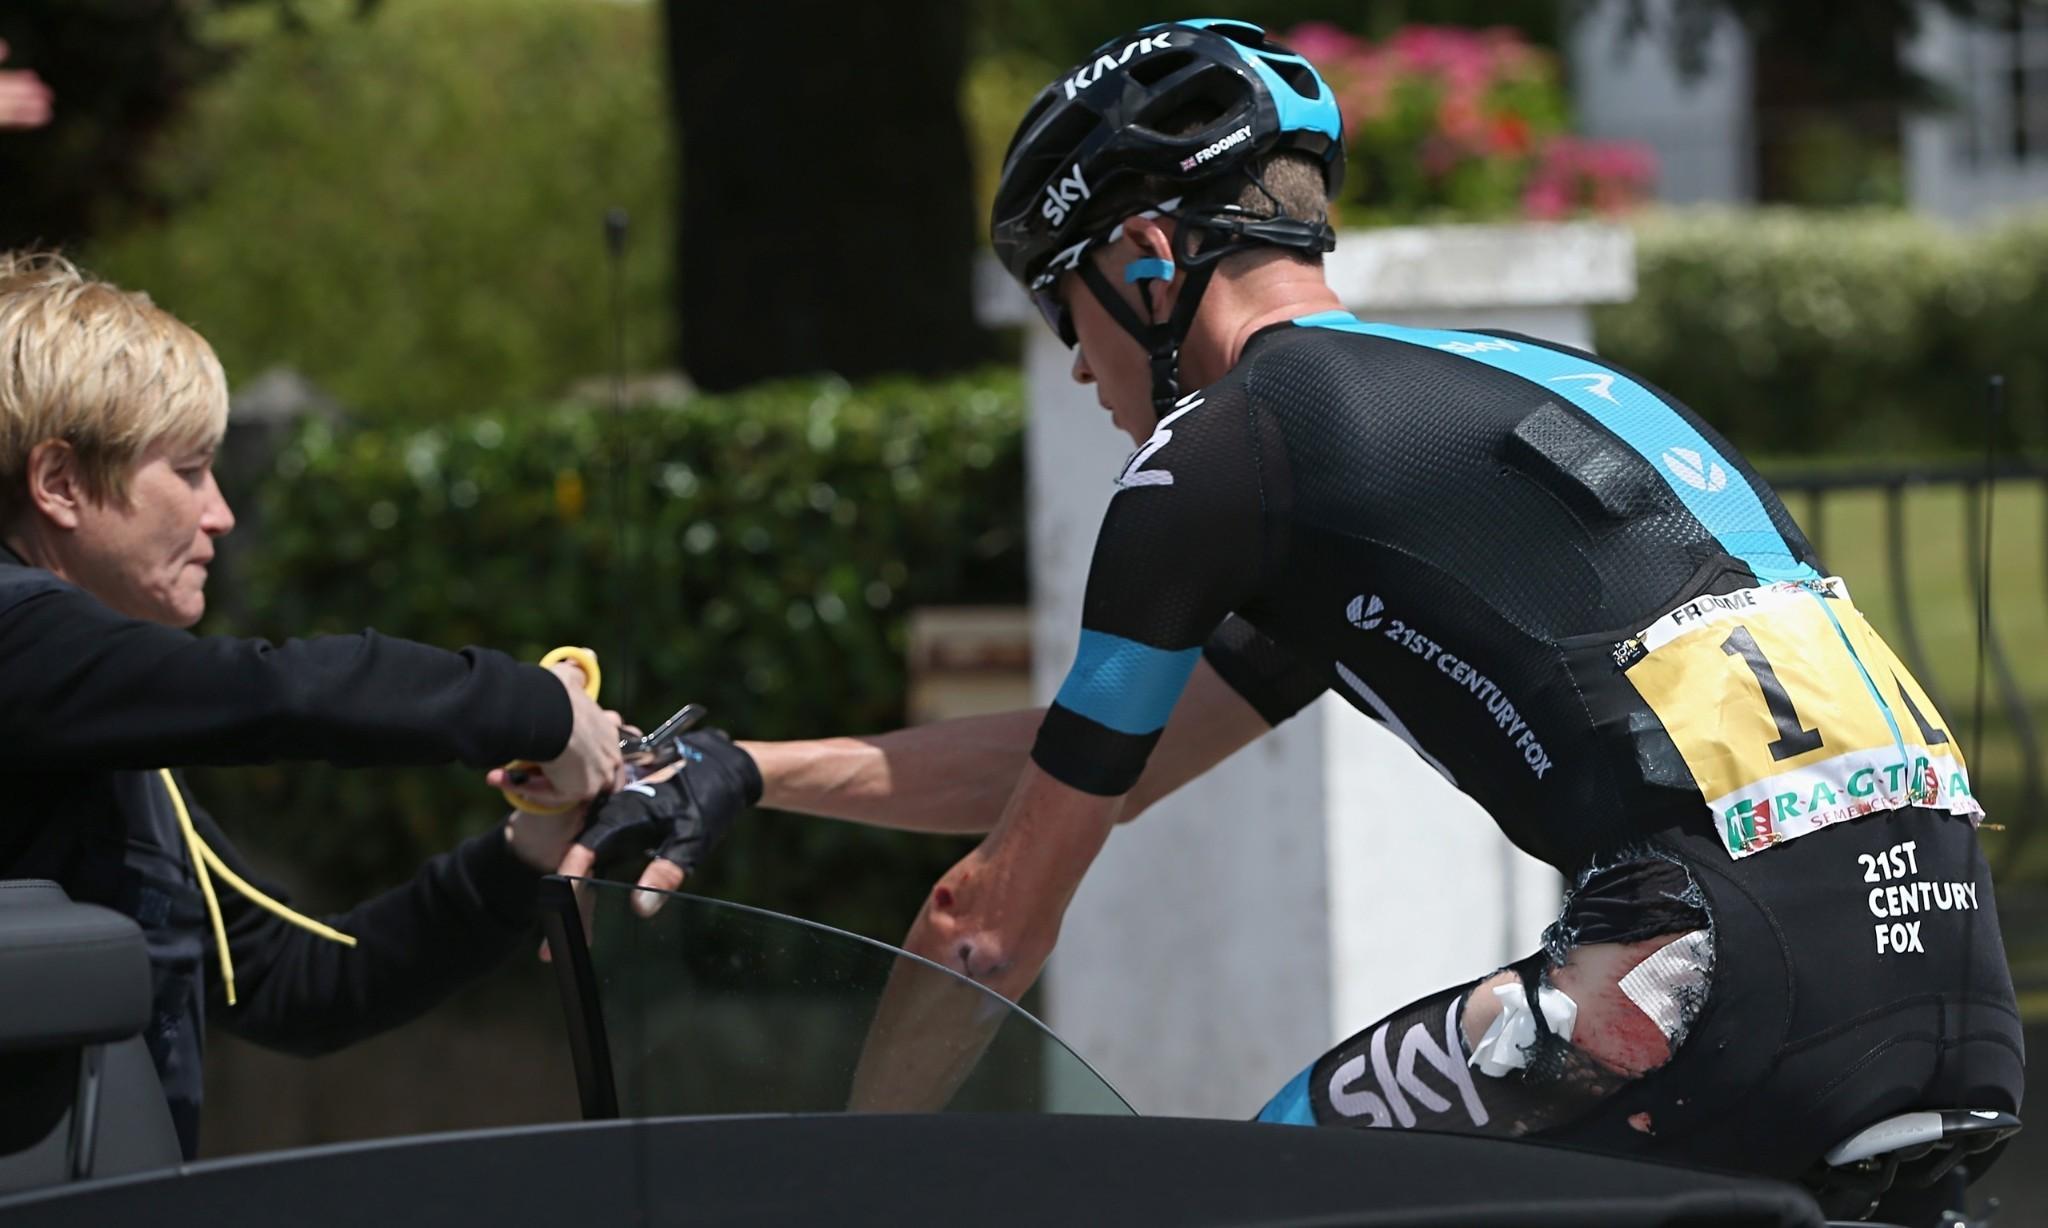 Chris Froome fit to continue Tour de France despite stage-four crash